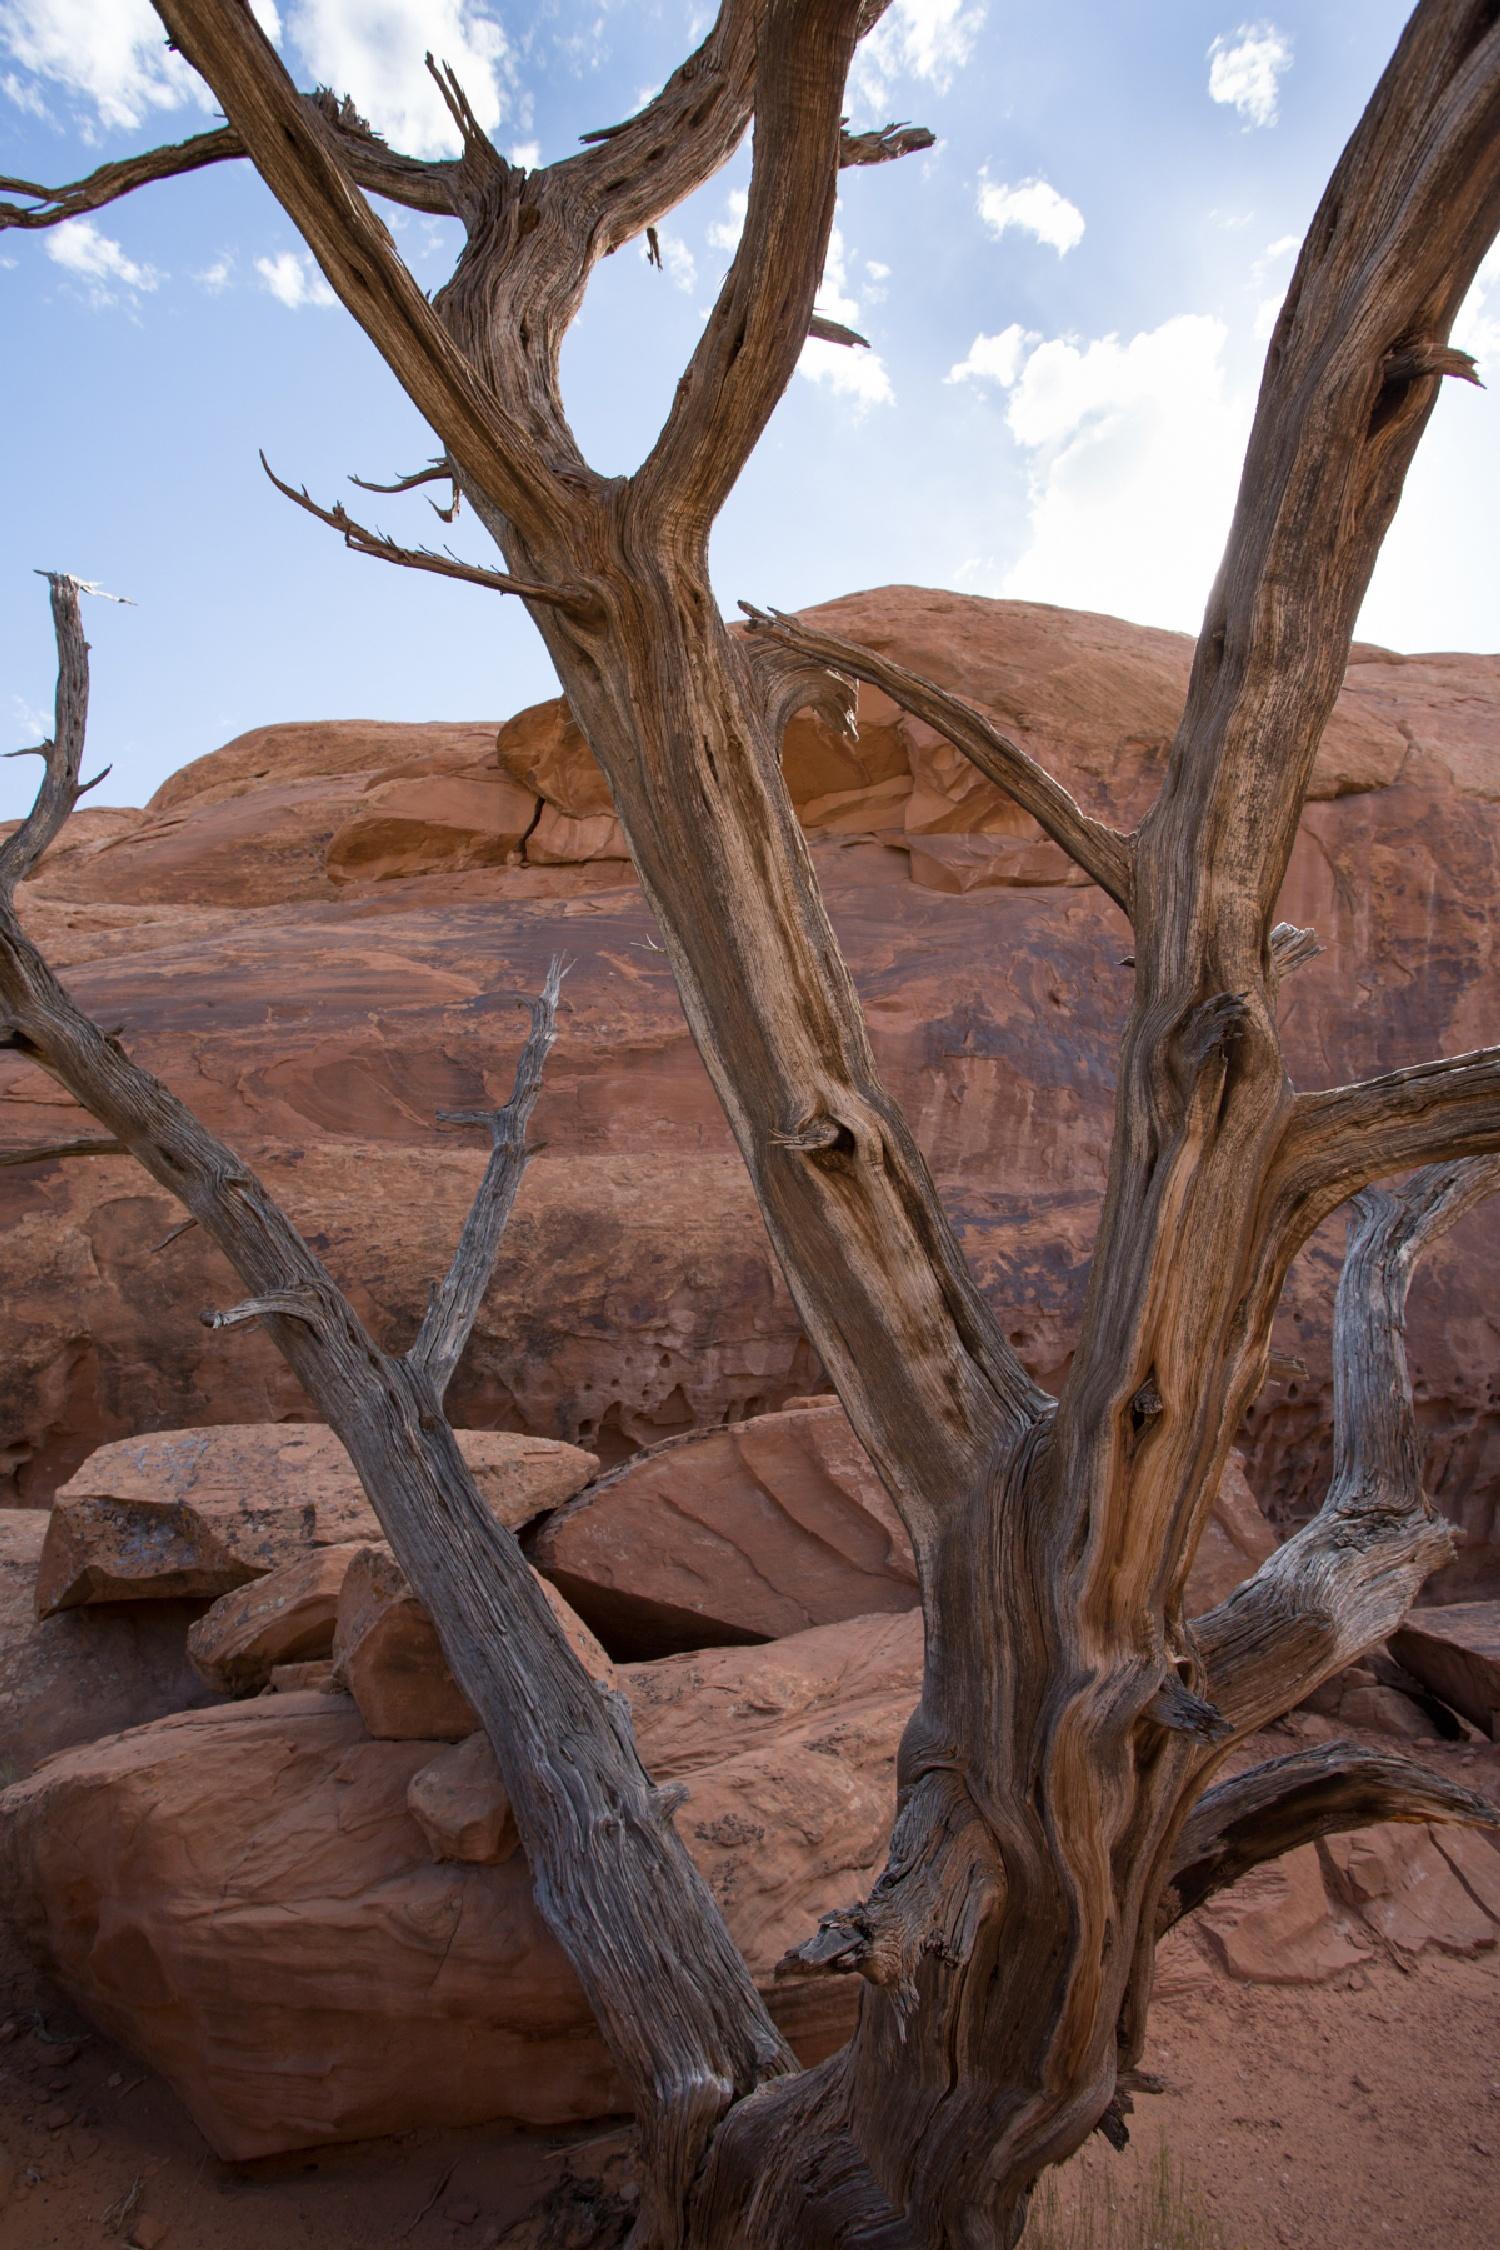 ich fotografiere sehr gerne auch tote Bäume. Farbe und Struktur faszinieren mich